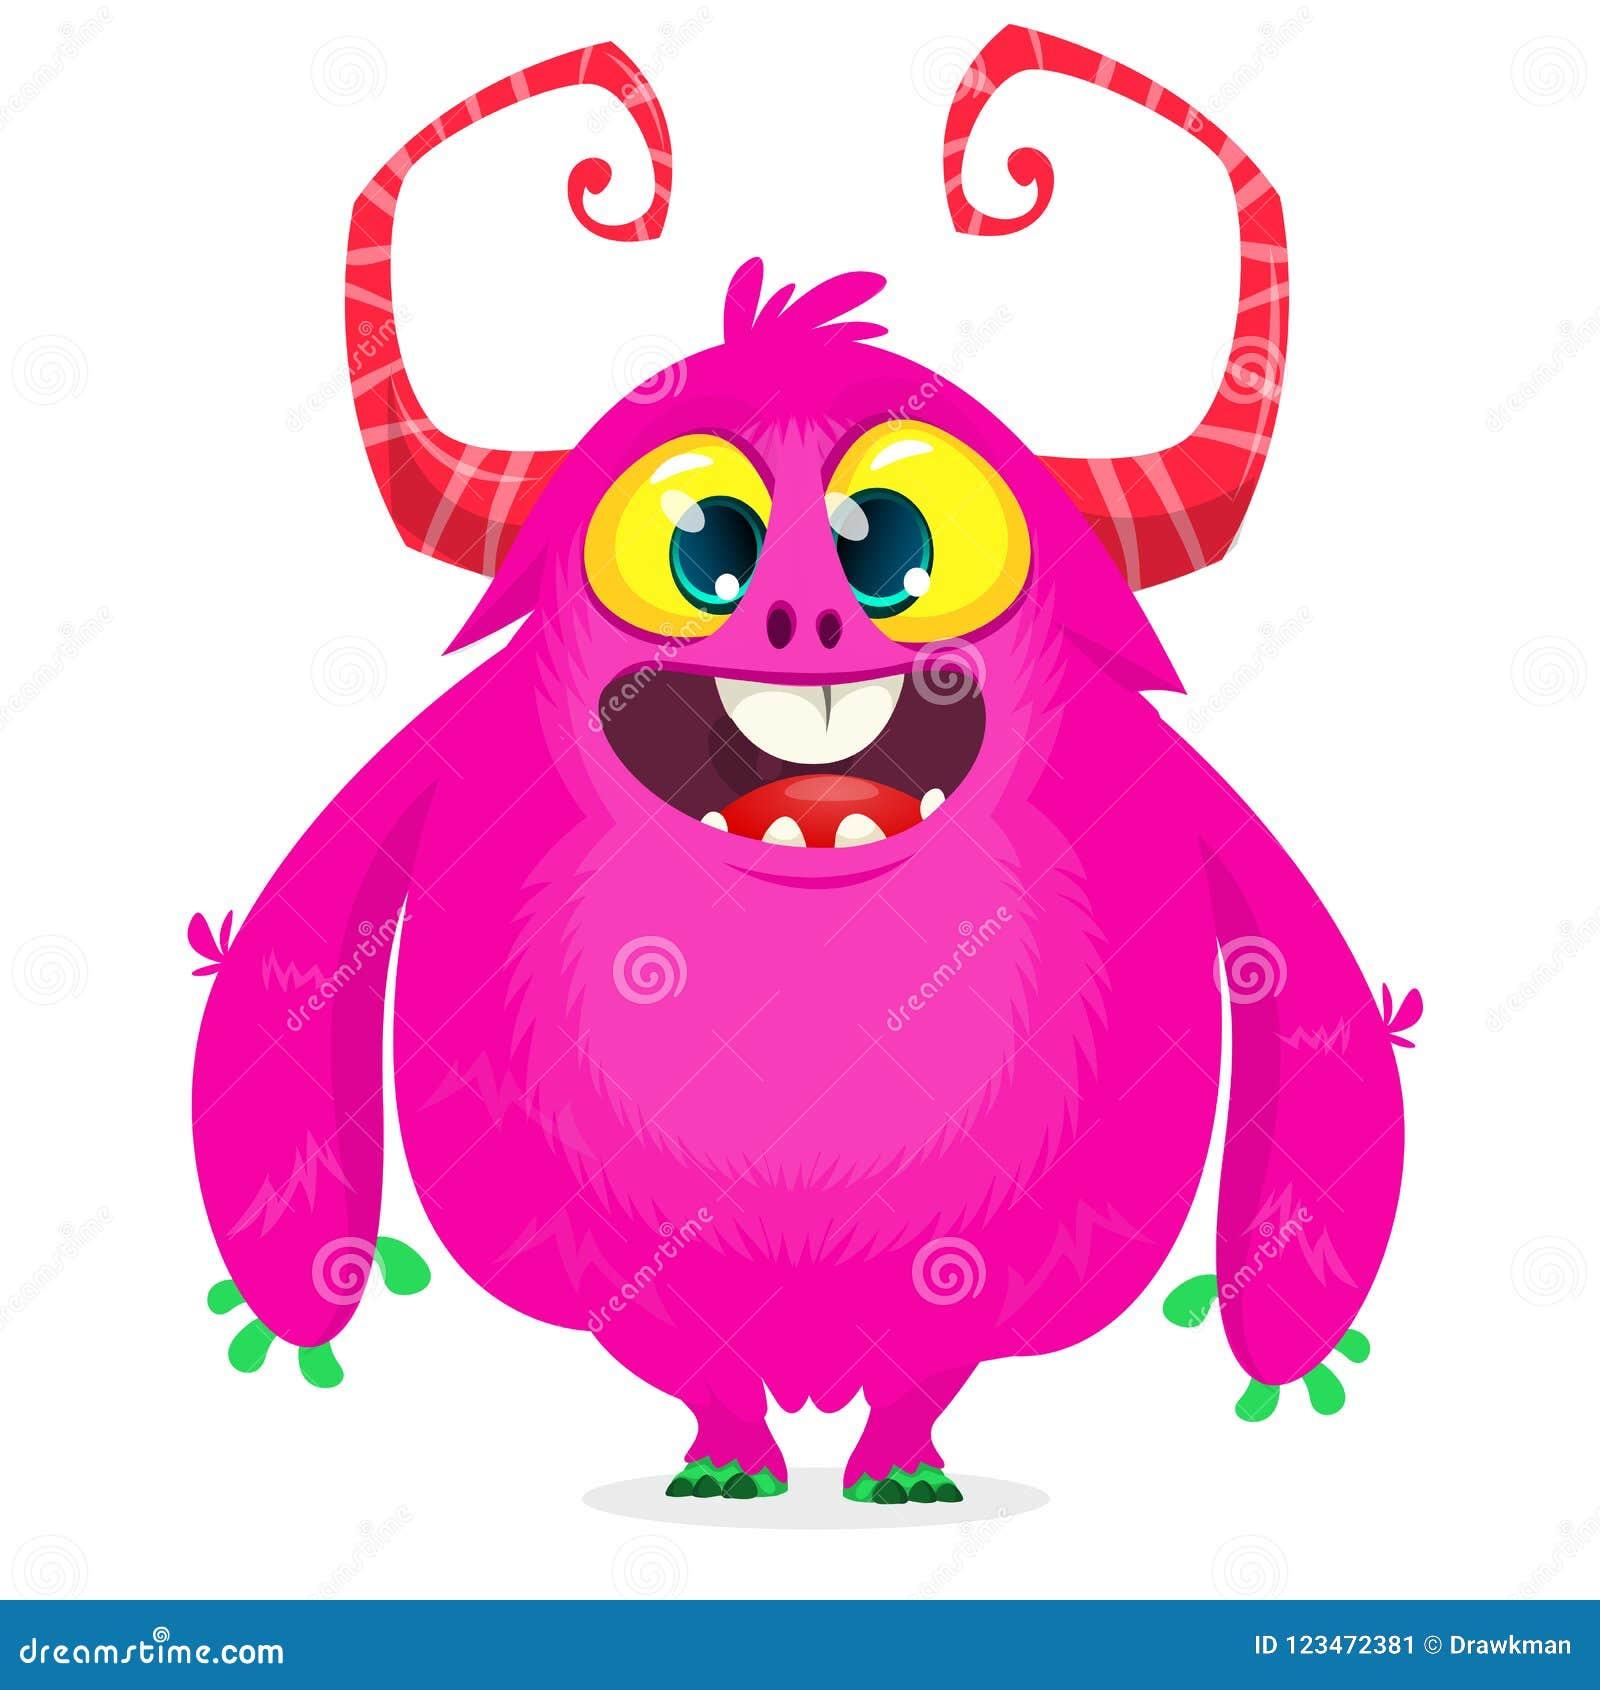 Happy Cartoon Monster Halloween Pink Furry Monster Big Collection